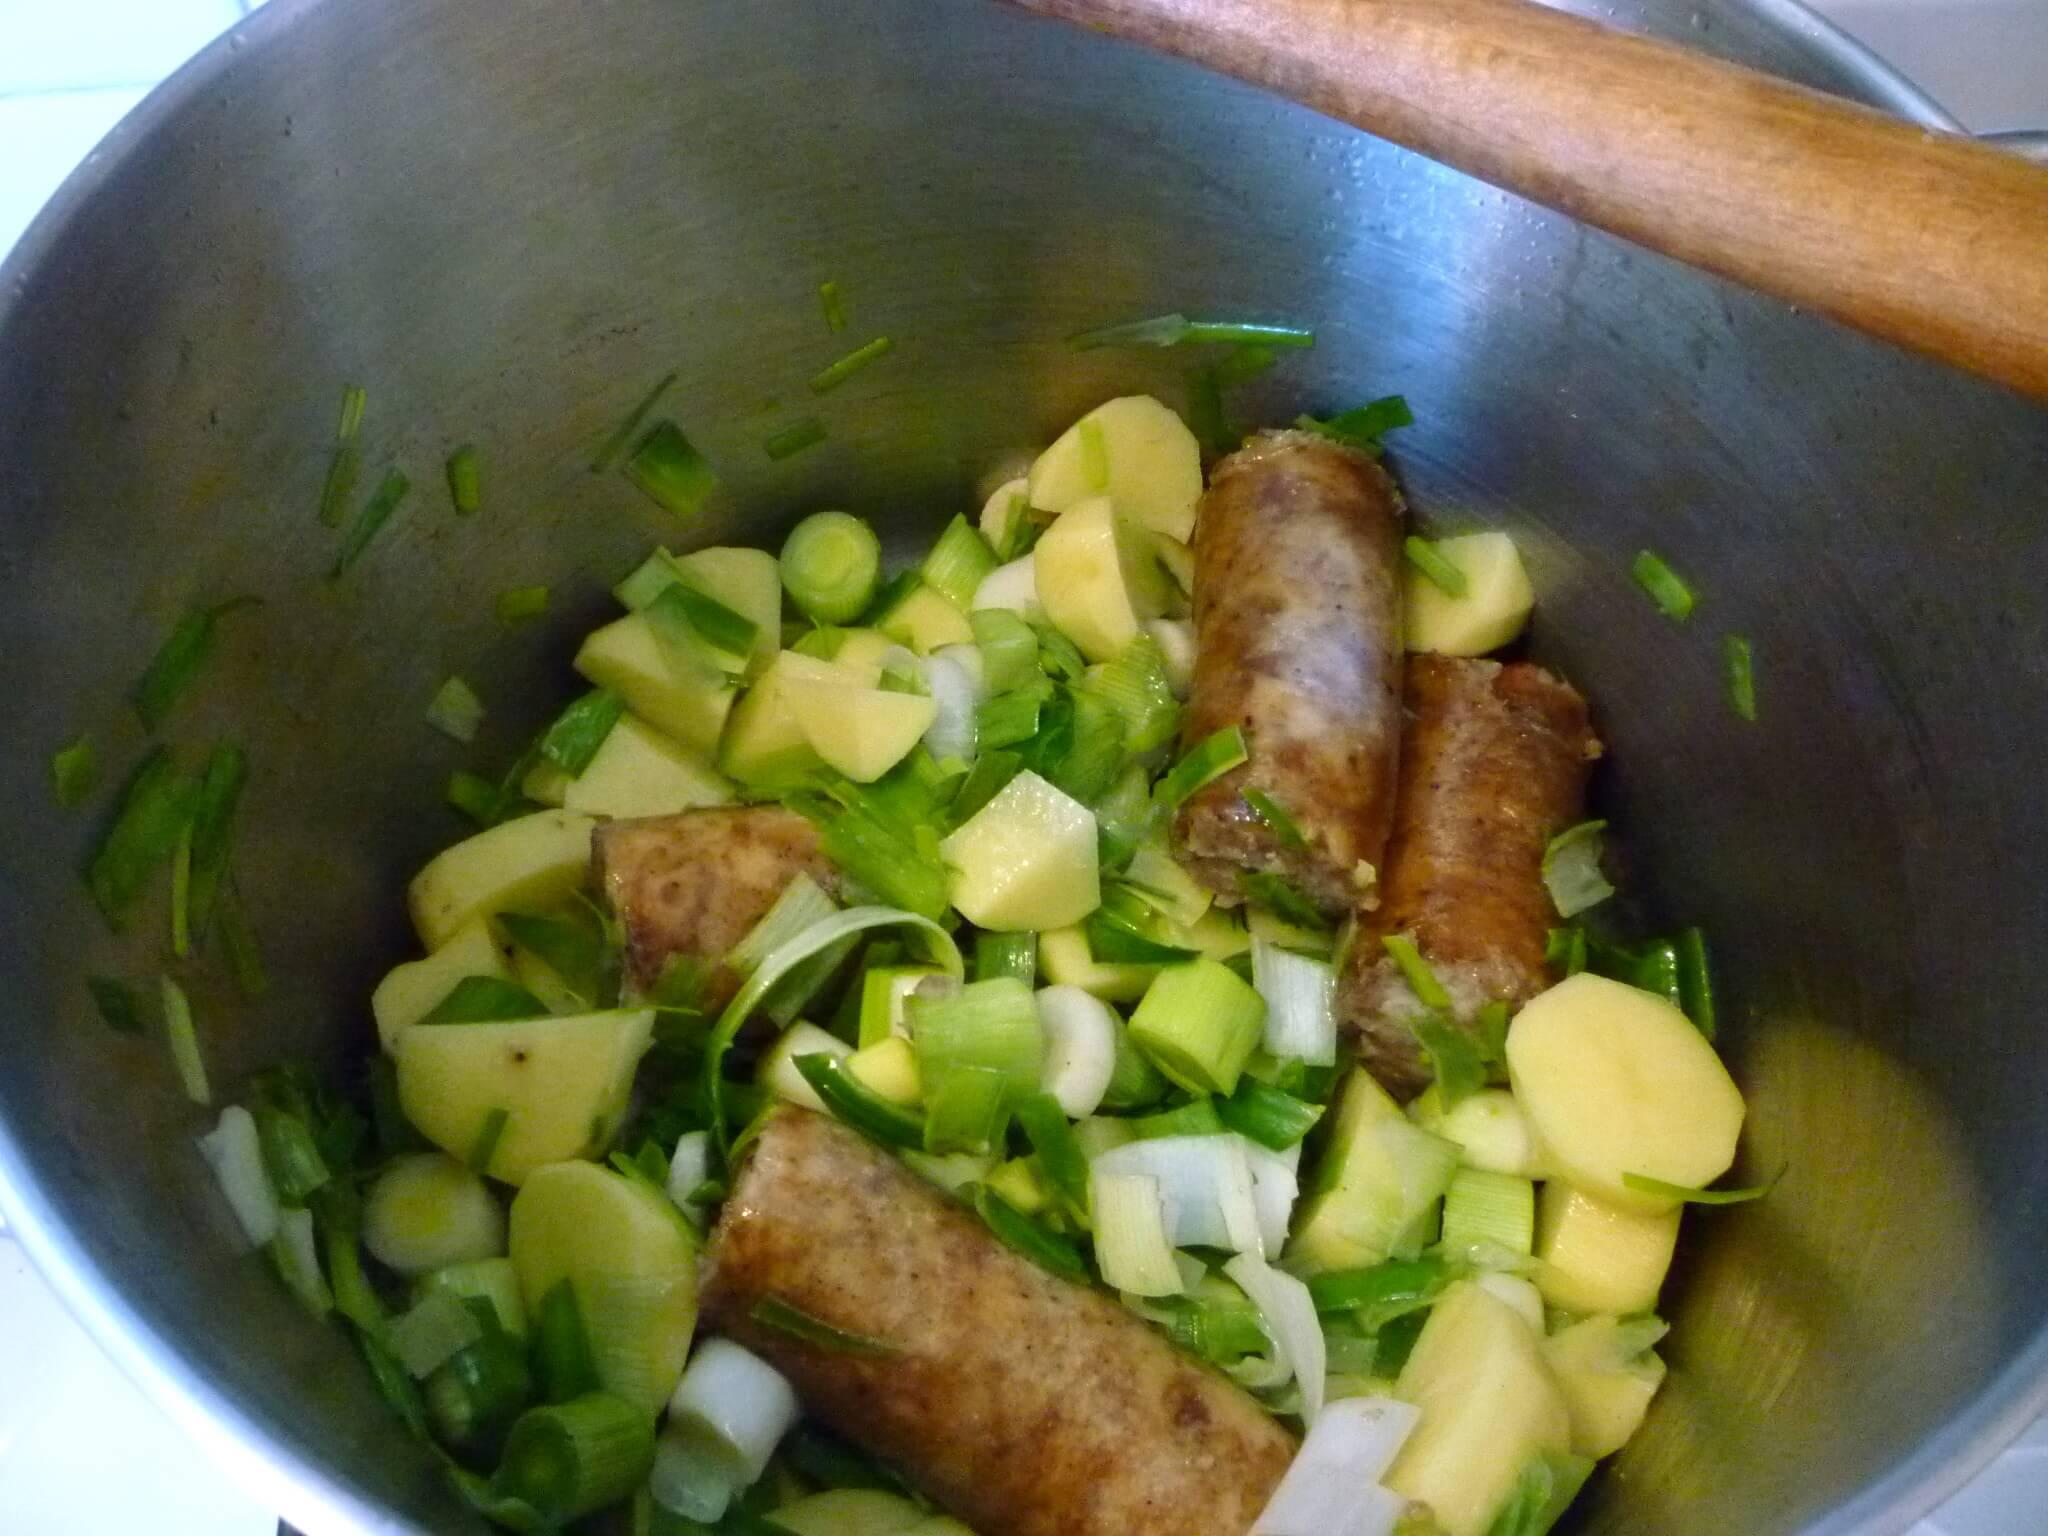 potage-st-germain-pois-casses (3)